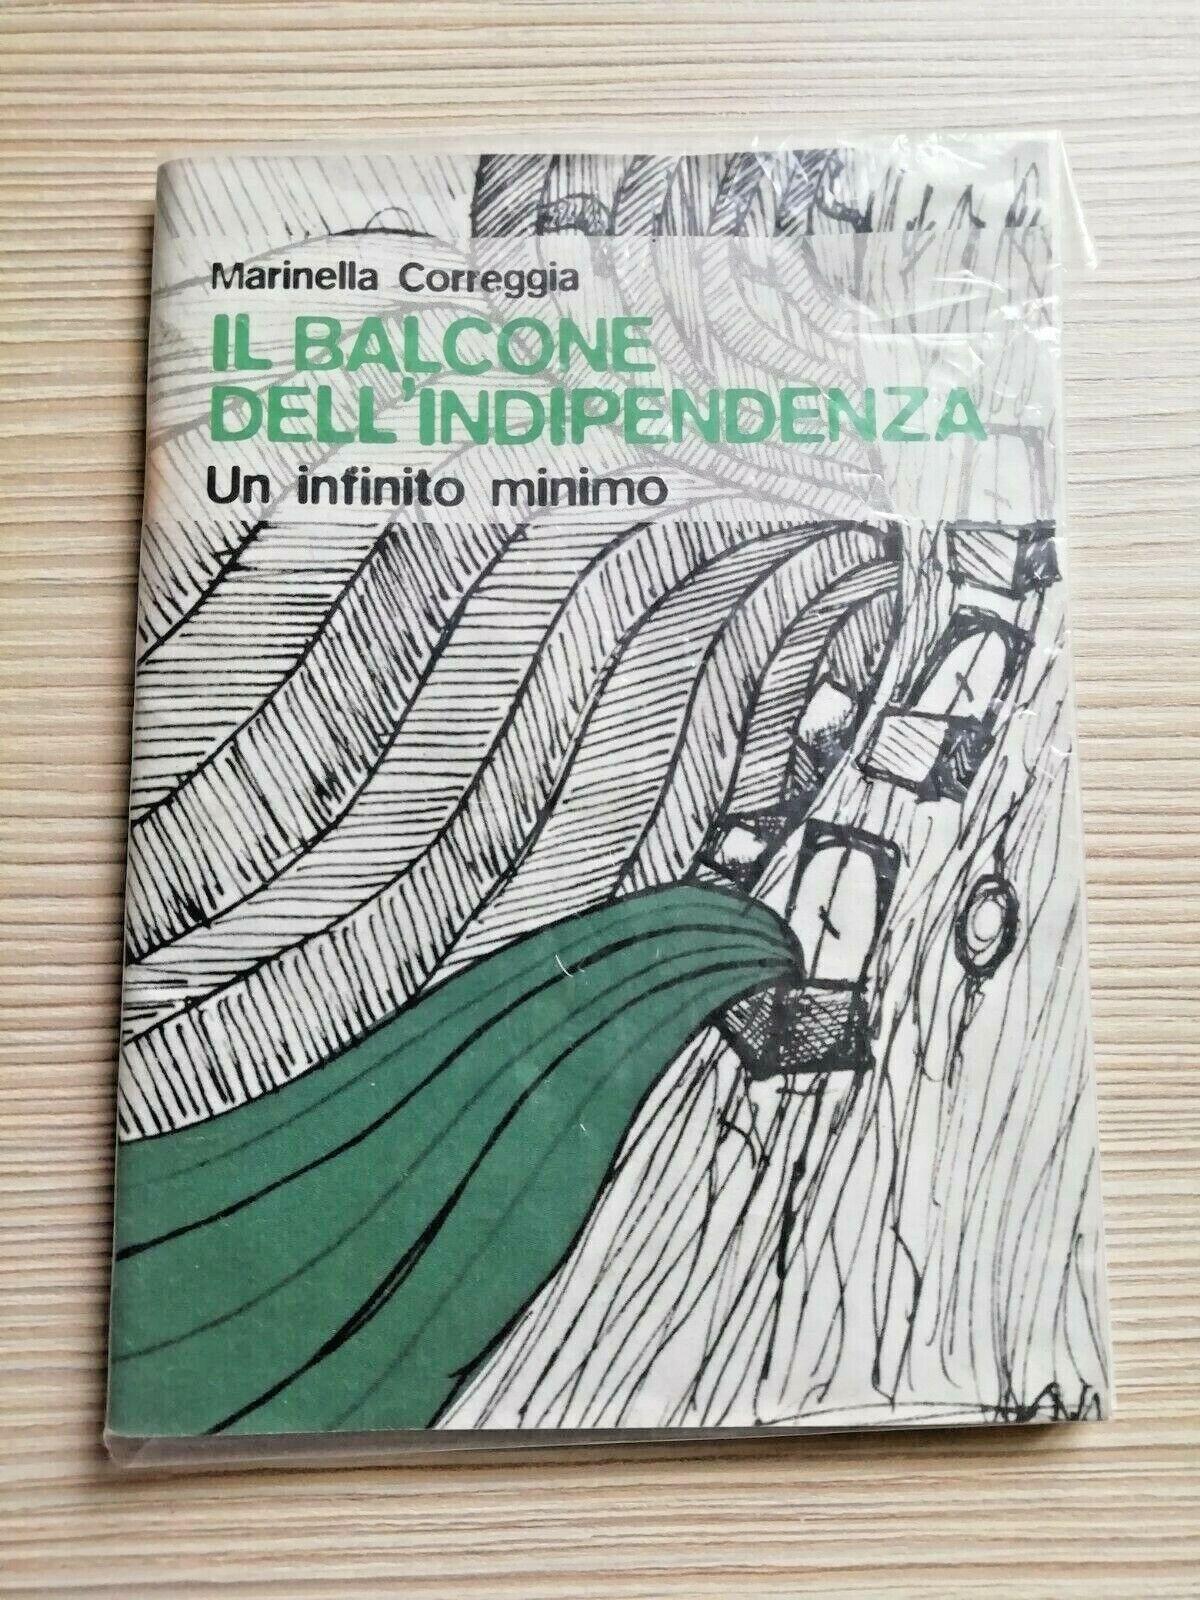 il balcone dell'indipendenza, marinella correggia, un infinito minimo